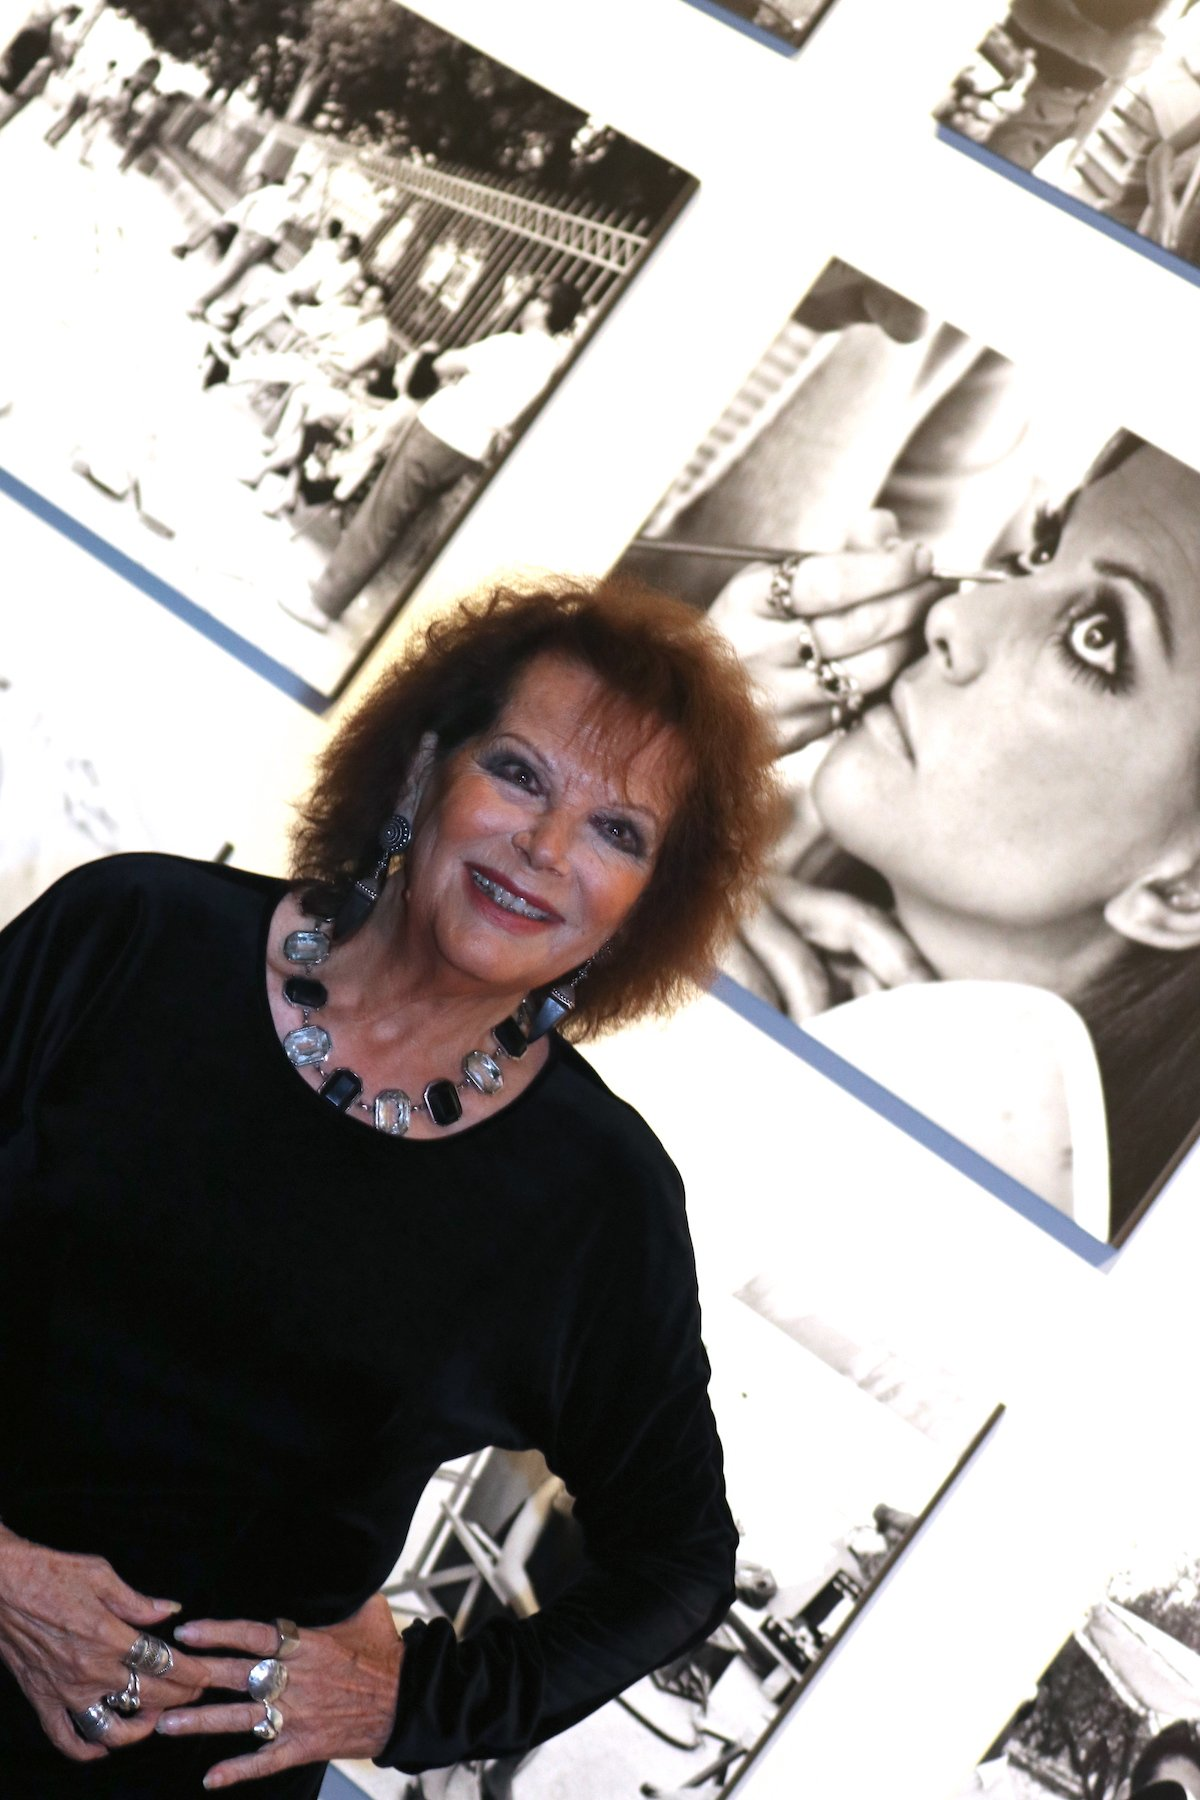 Roma 2016: uno scatto di Claudia Cardinale alla mostra di scatti inediti de Il giorno della civetta